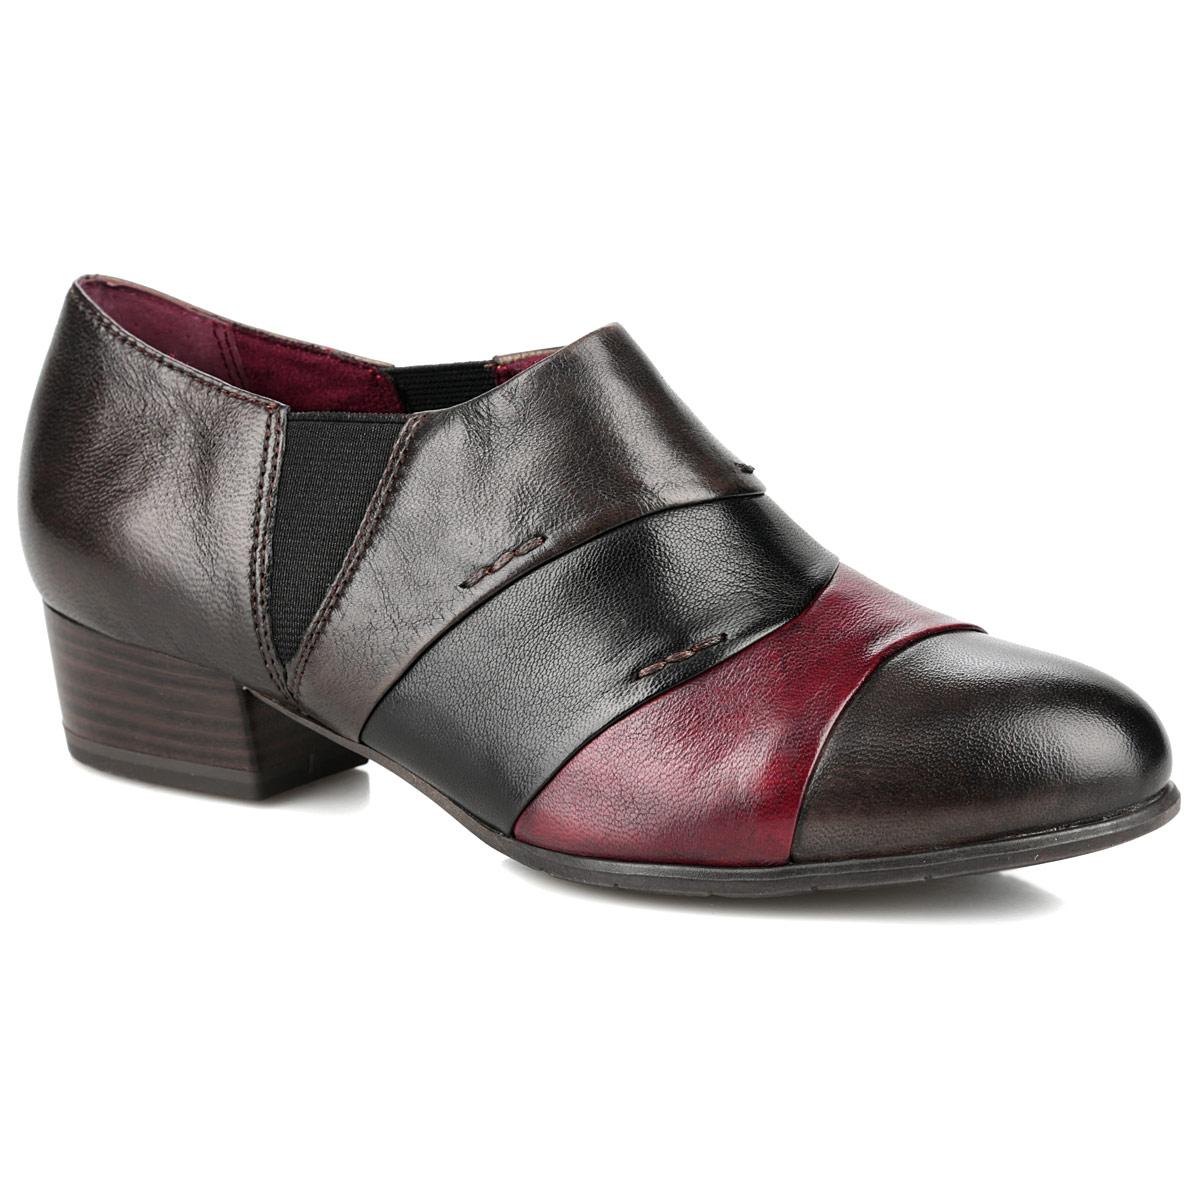 Полуботинки женские. 1-1-24301-25-3911-24301-25-391Эффектные женские полуботинки Tamaris займут достойное место в вашем гардеробе. Модель выполнена из натуральной кожи и оформлена на мысе вставками контрастных цветов, декоративными внешними швами. Резинки, расположенные сбоку, обеспечивают оптимальную посадку обуви на ноге. Кожаная стелька позволяет ногам дышать. Невысокий каблук устойчив. Подошва и каблук оснащены противоскользящим рифлением. Модные полуботинки добавят шика в модный образ и подчеркнут ваш безупречный вкус.